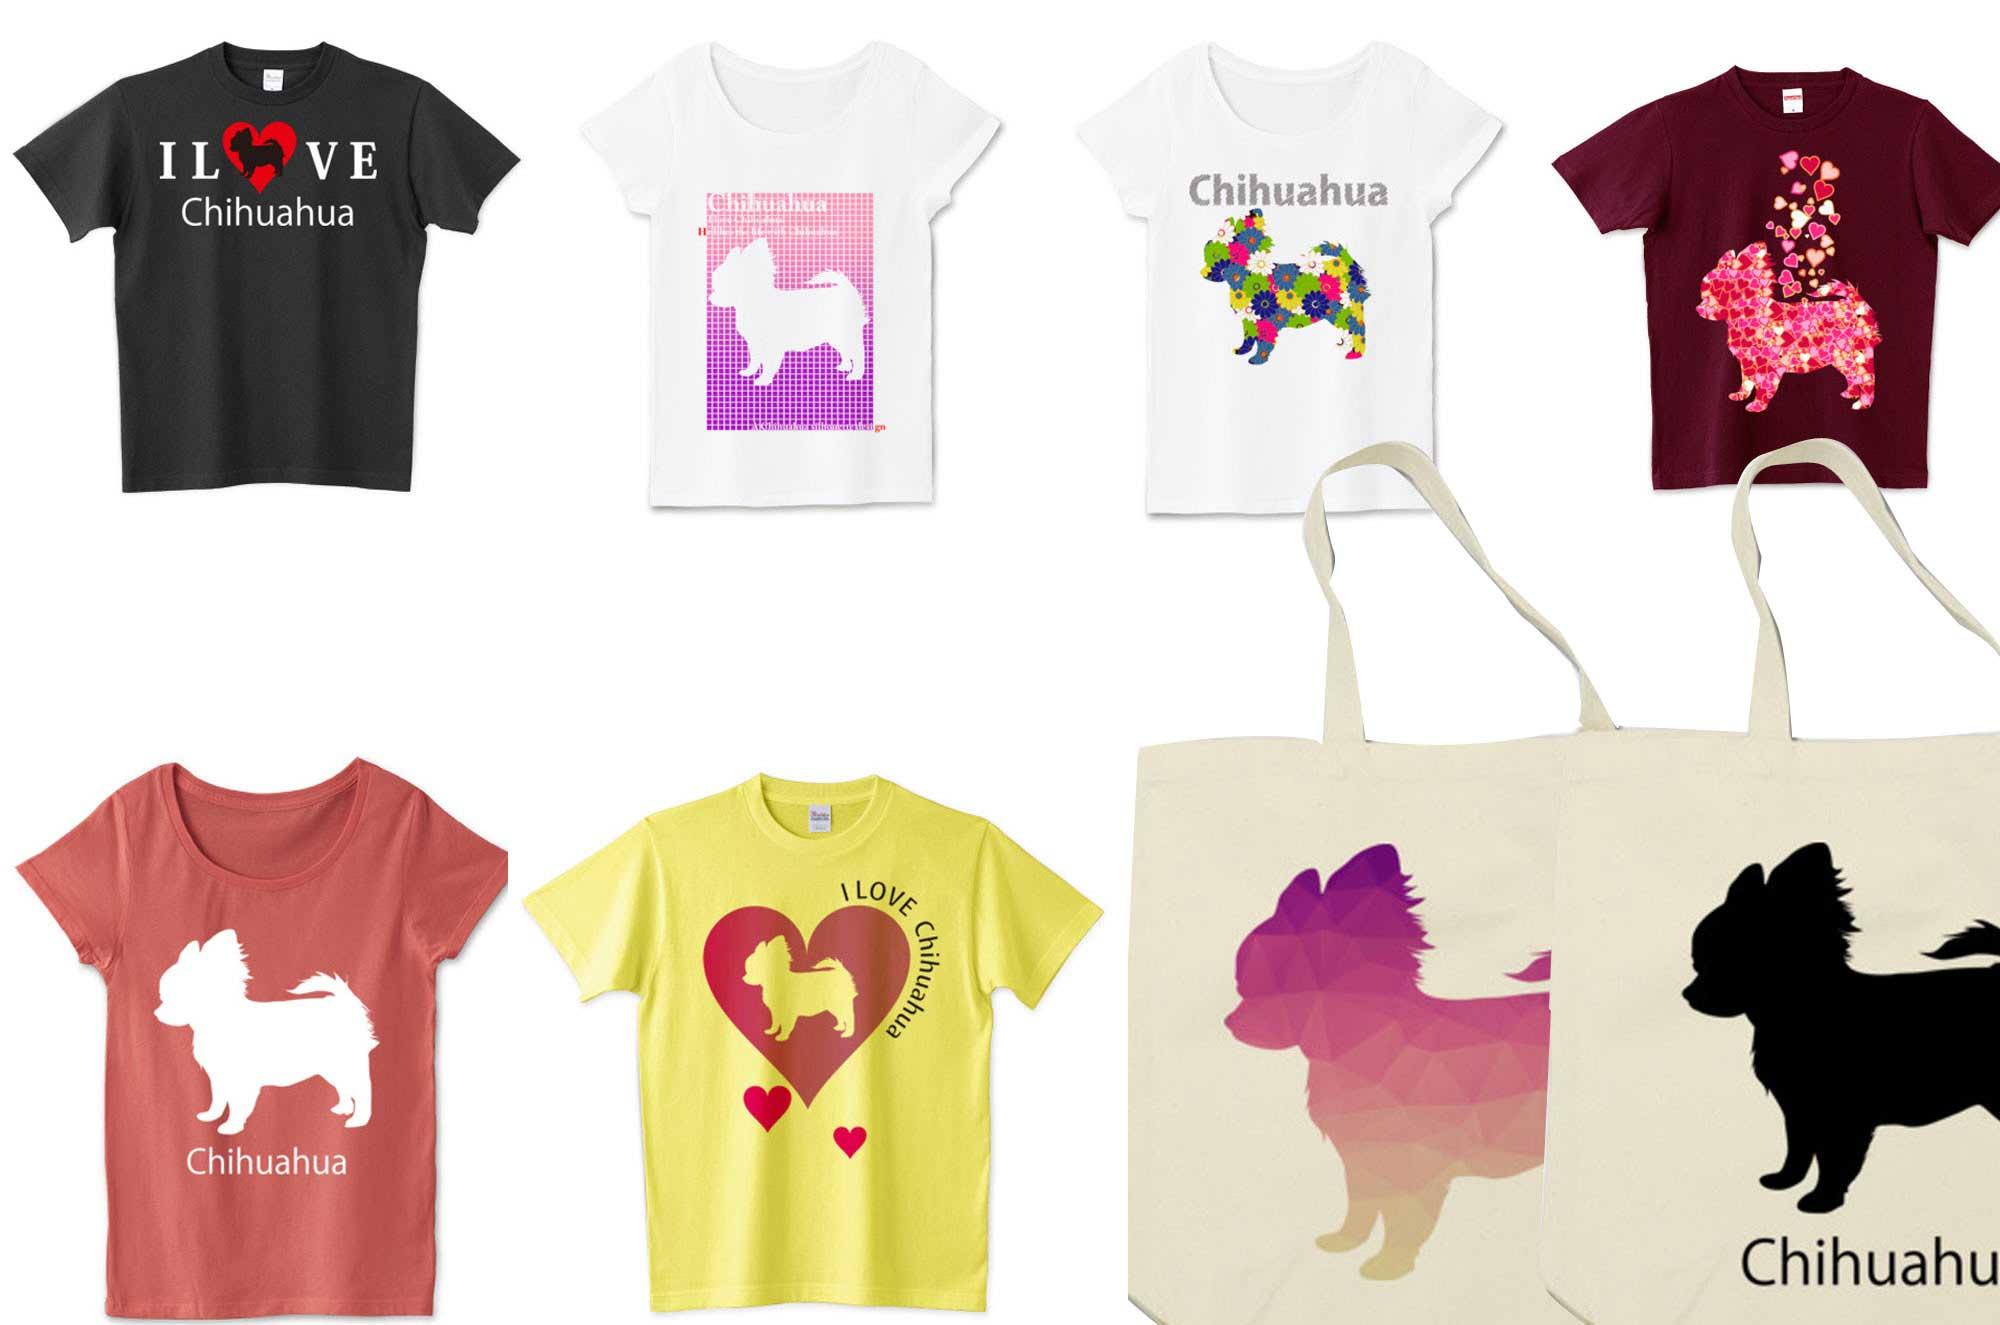 チワワTシャツ - シンプルでおしゃれなデザイン